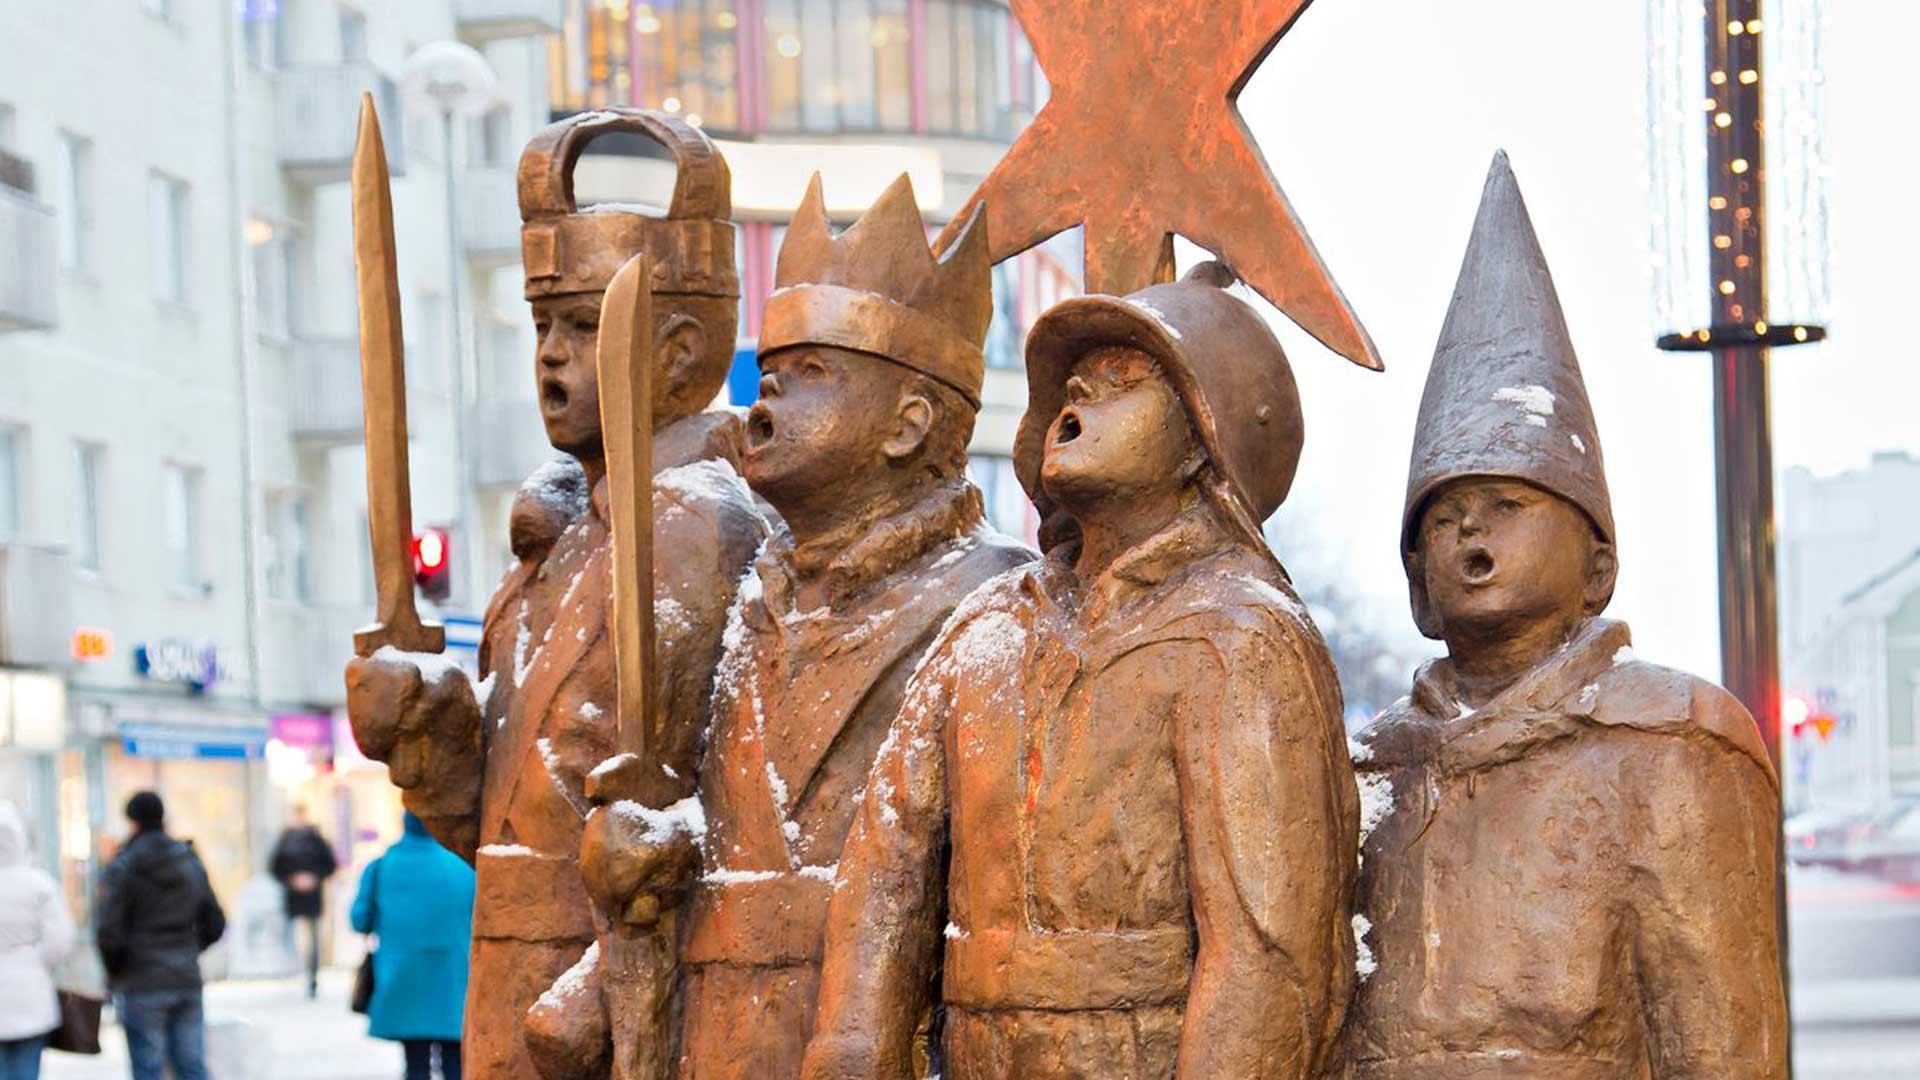 Sanna Koiviston toteuttama tiernapoikapatsas nousi Rotuaarille joulukuussa  2014. Tänä vuonna patsas saa uuden paikan tiernaristiksi kutsutun risteyksen vierestä kävelykadun uudelta jatkeelta.